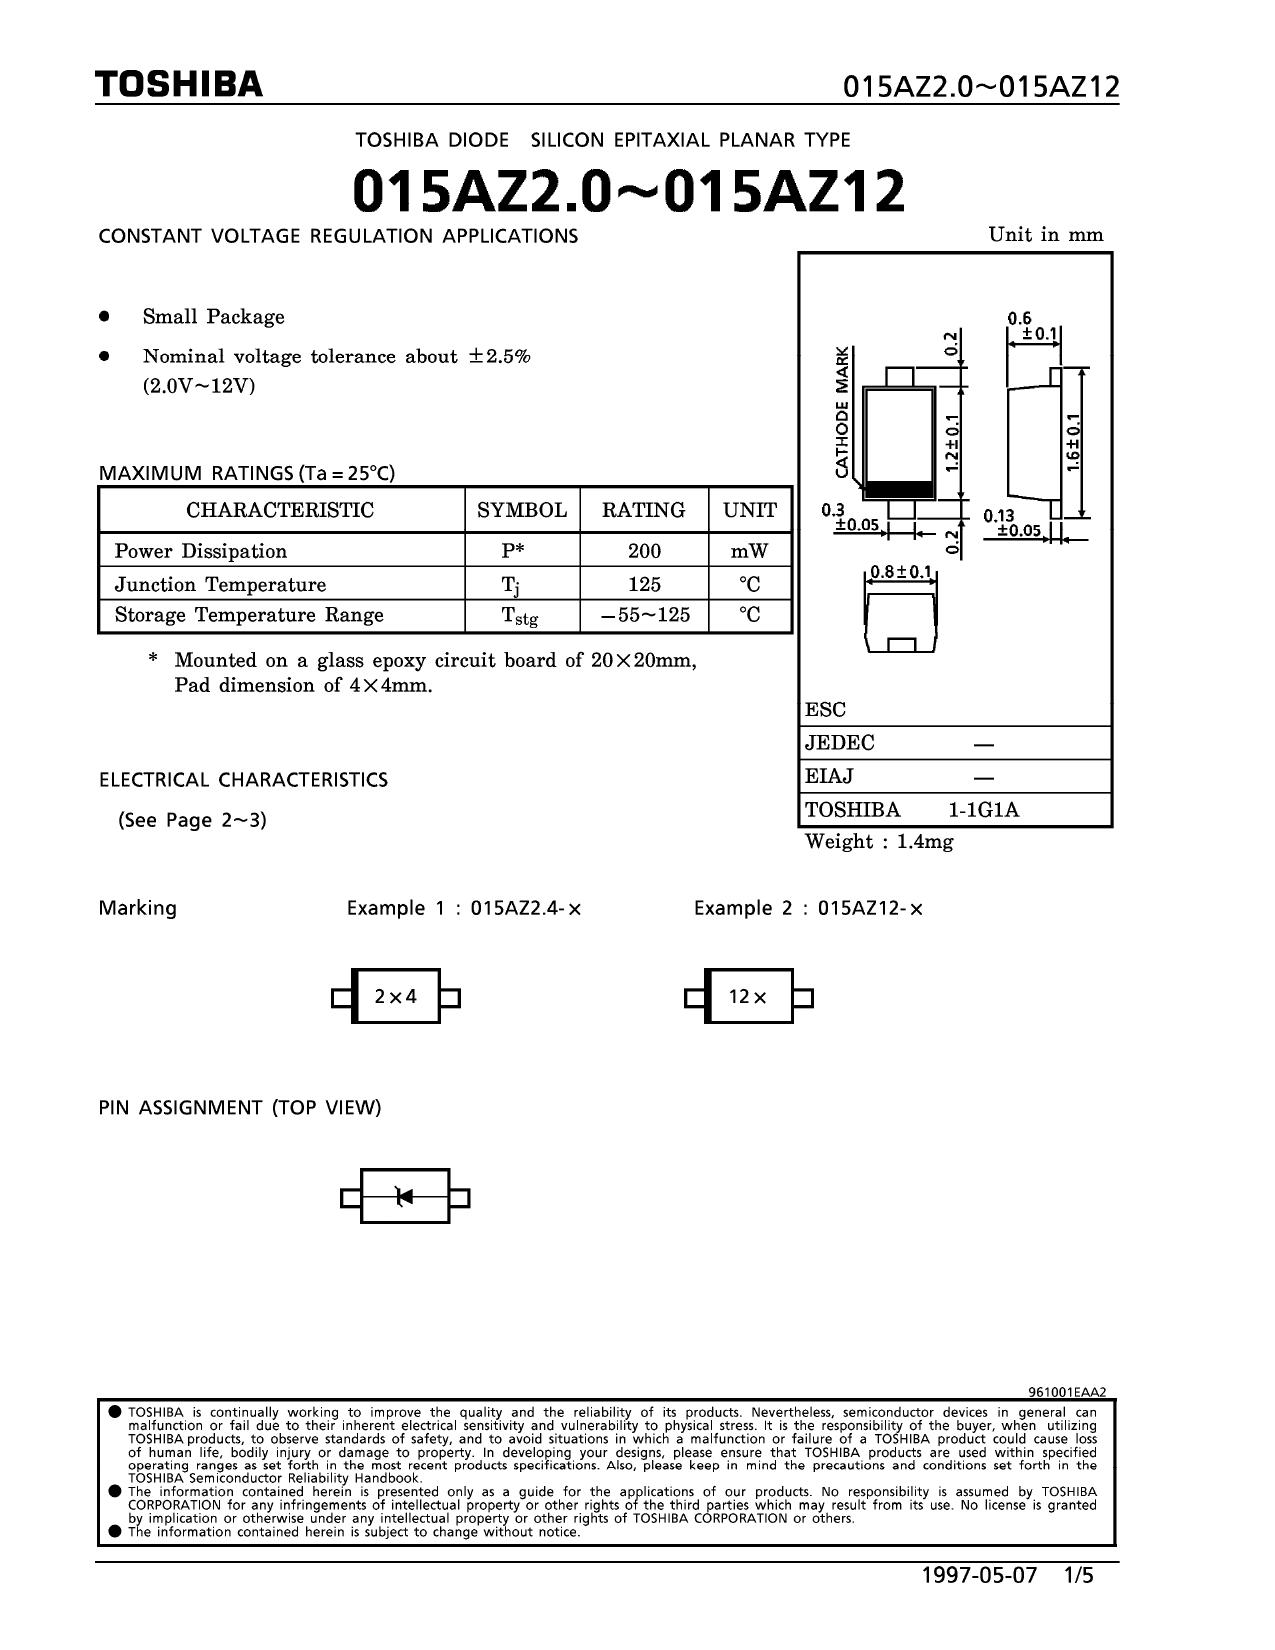 015A3.3 datasheet